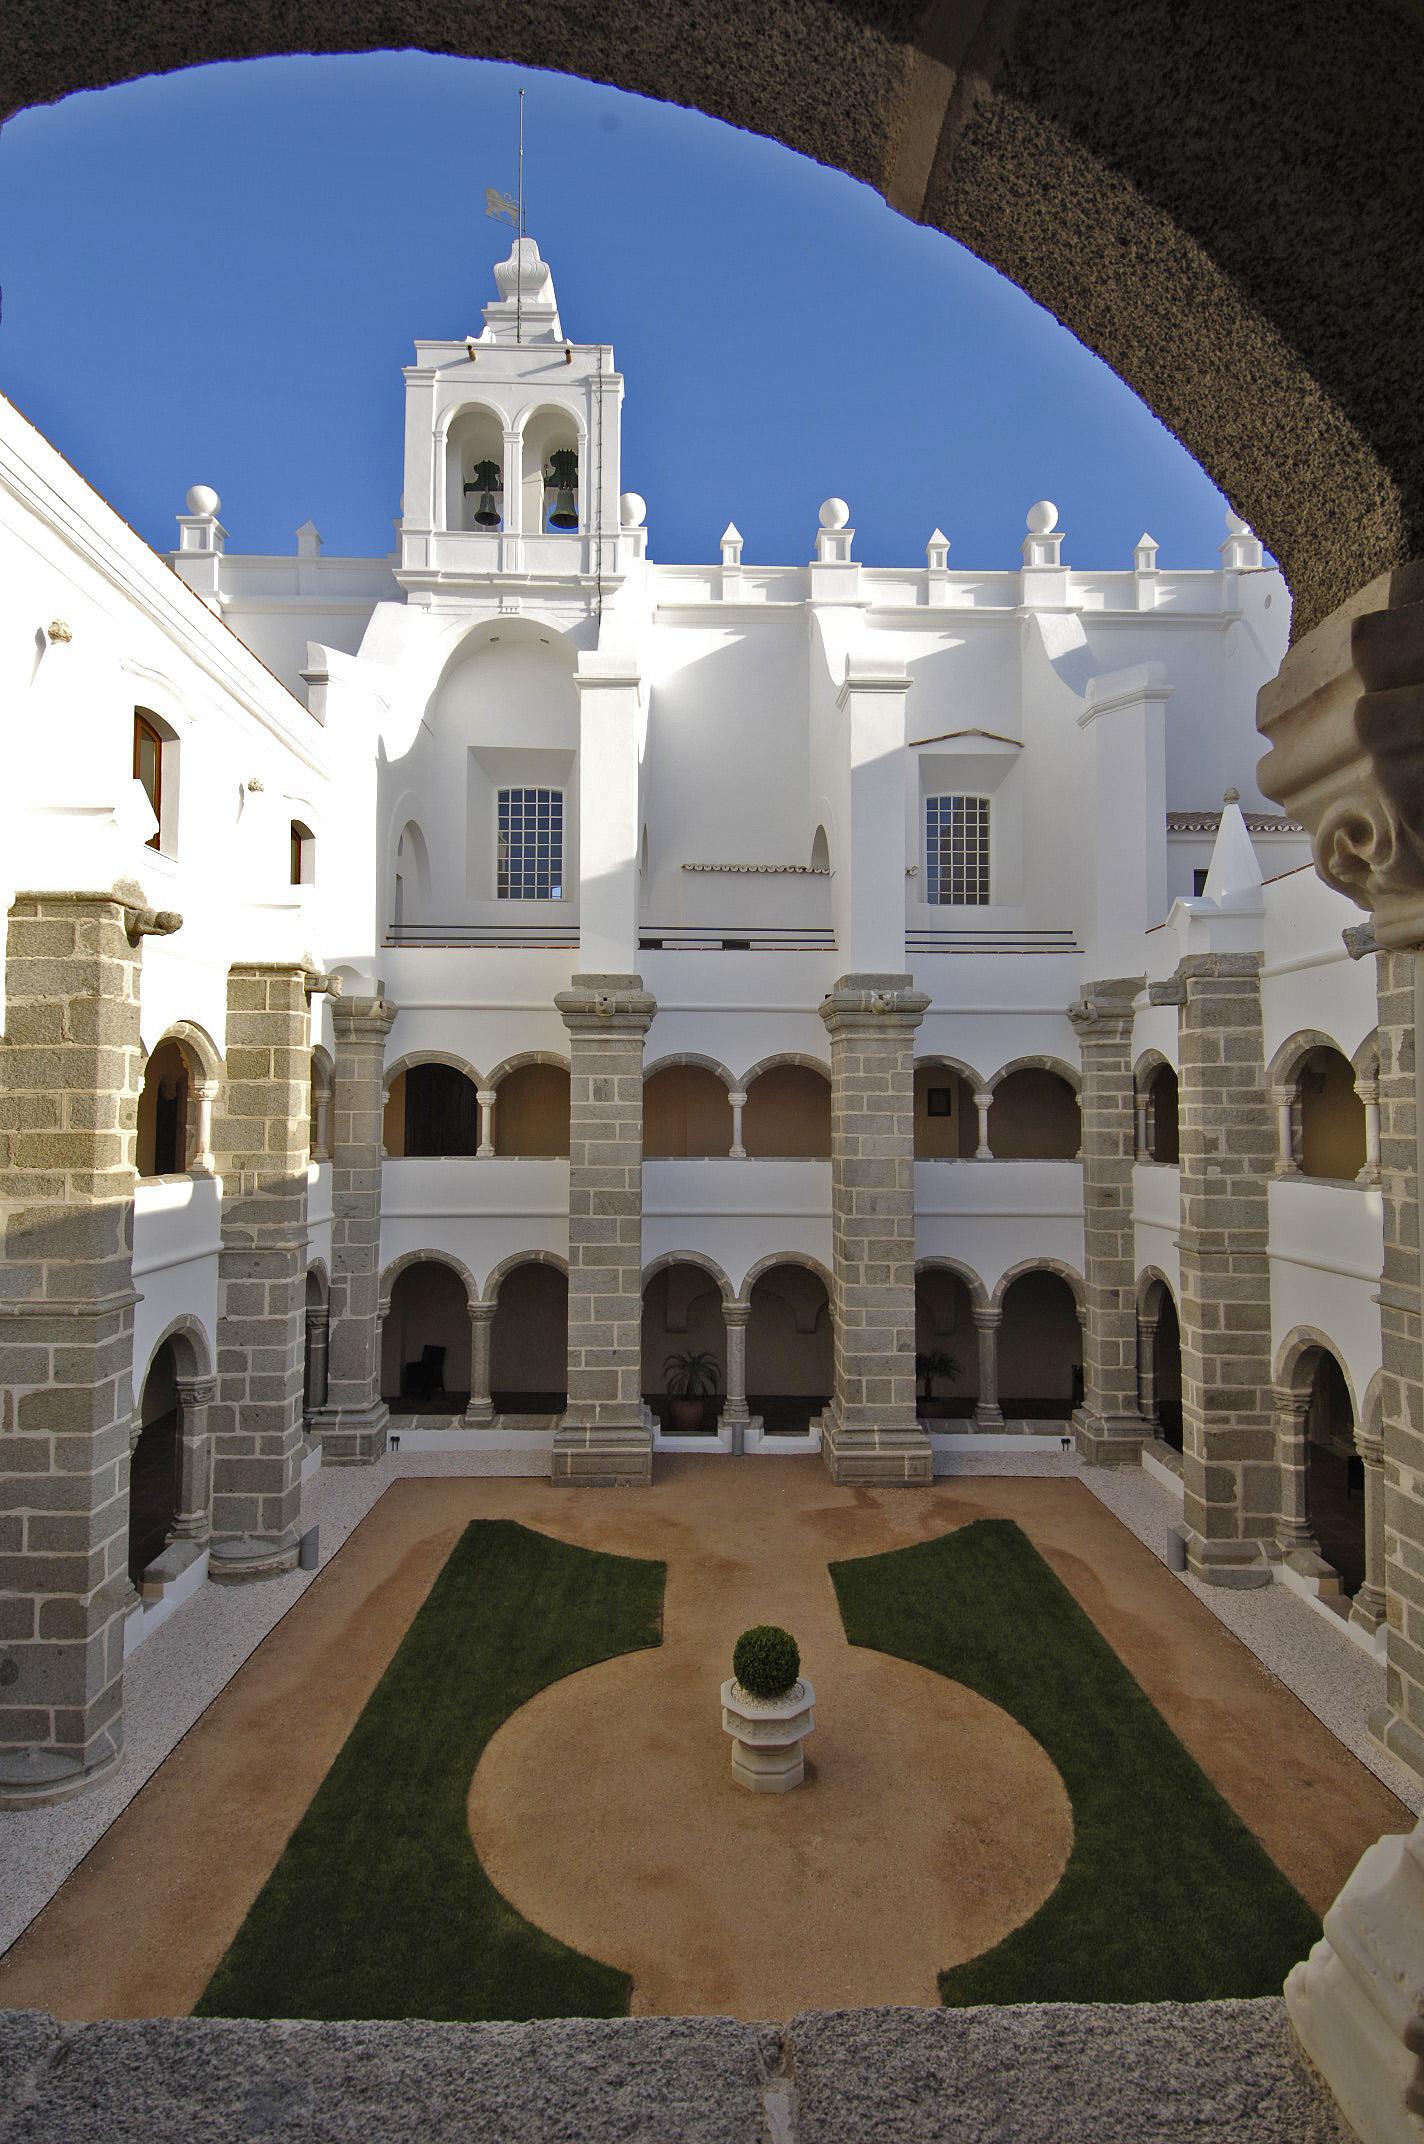 Claustros - Convento do Espinheiro